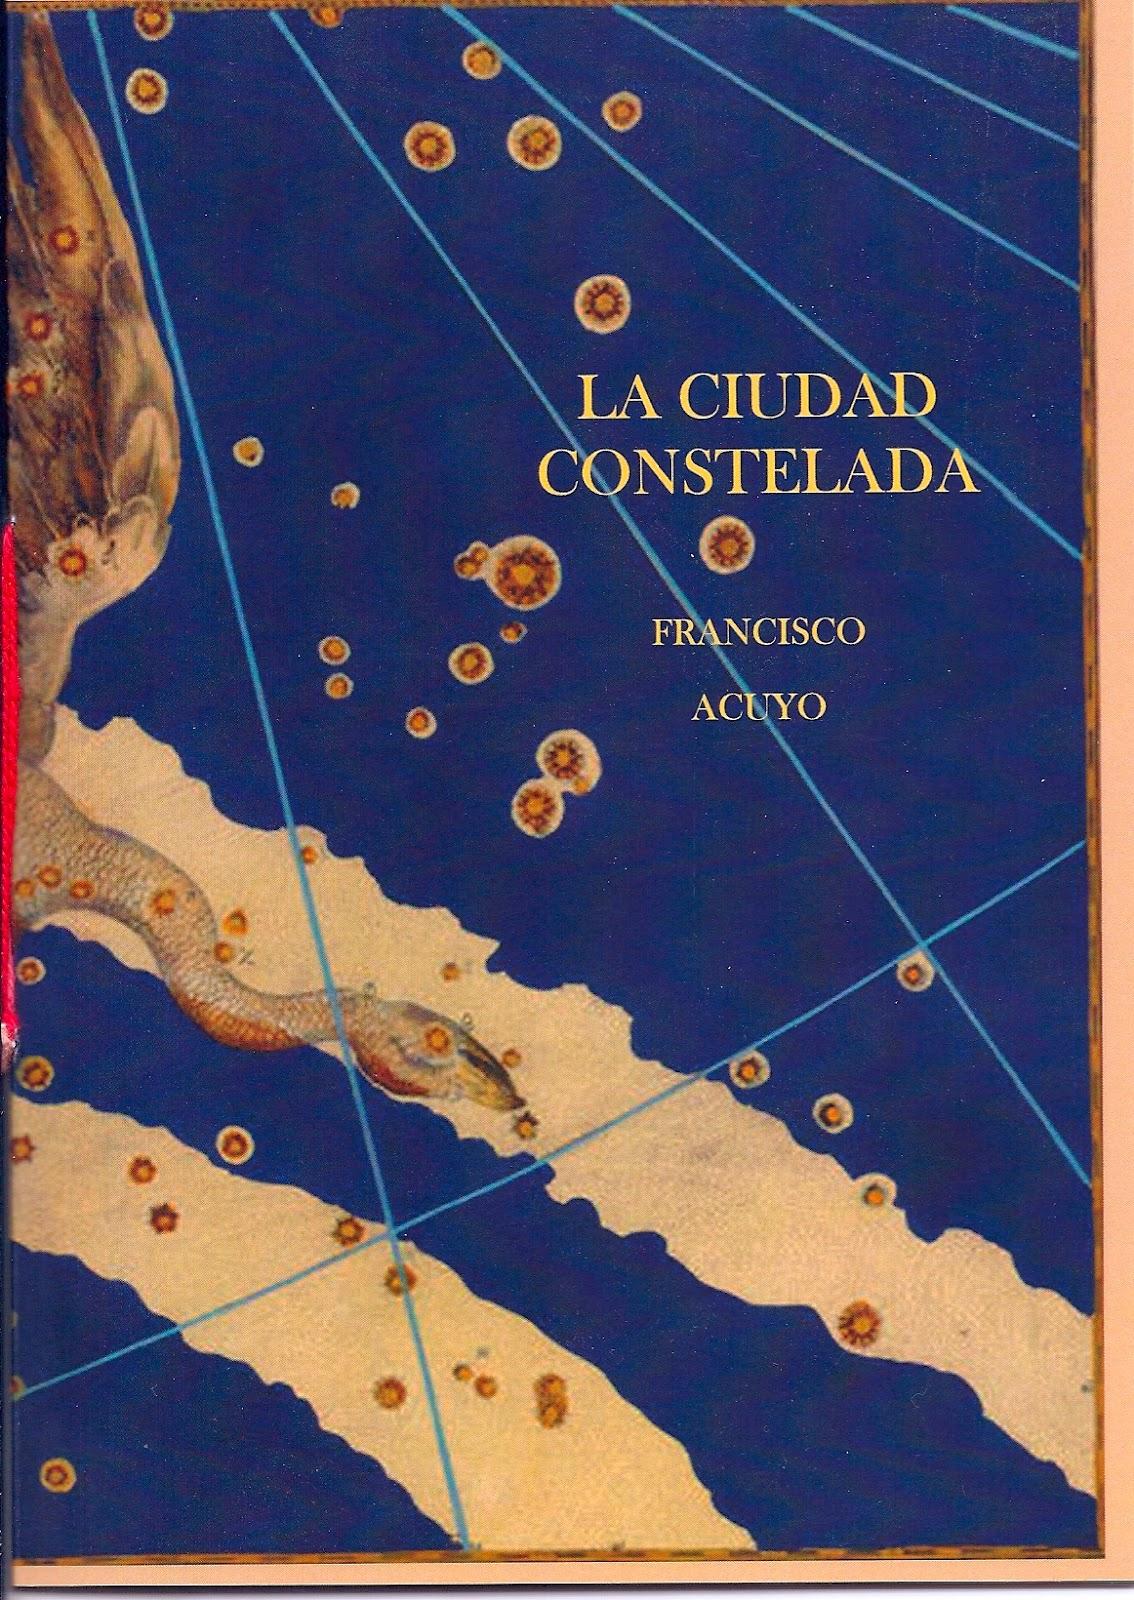 La ciudad constelada, Francisco Acuyo